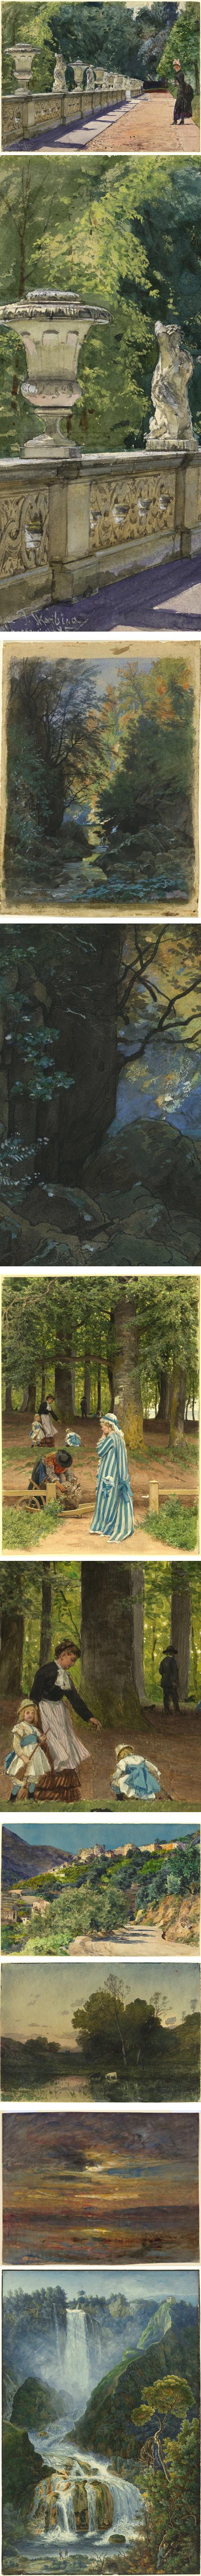 he Color of Nature: Recent Acquisitions of Landscape Watercolors at NGA: Franz Skarbina, Francois-Louis Francais, Anton von Werner, Jules-Ferdinand Jacquemart,  Henri-Joseph Harpignies,  Francois-Auguste, Francois-Auguste  Ravier, Franz Kaisermann